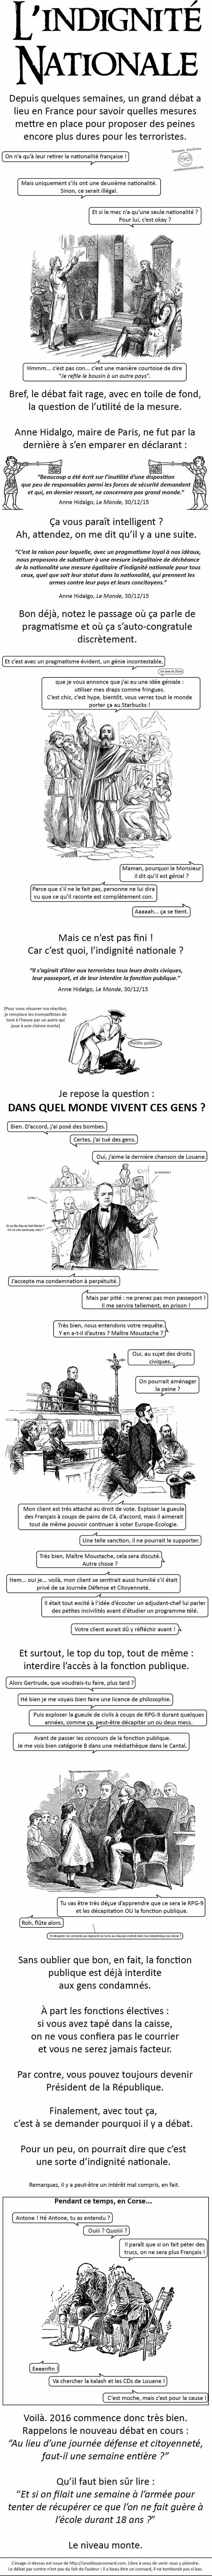 Encore un joli strip de Odieux Connard.